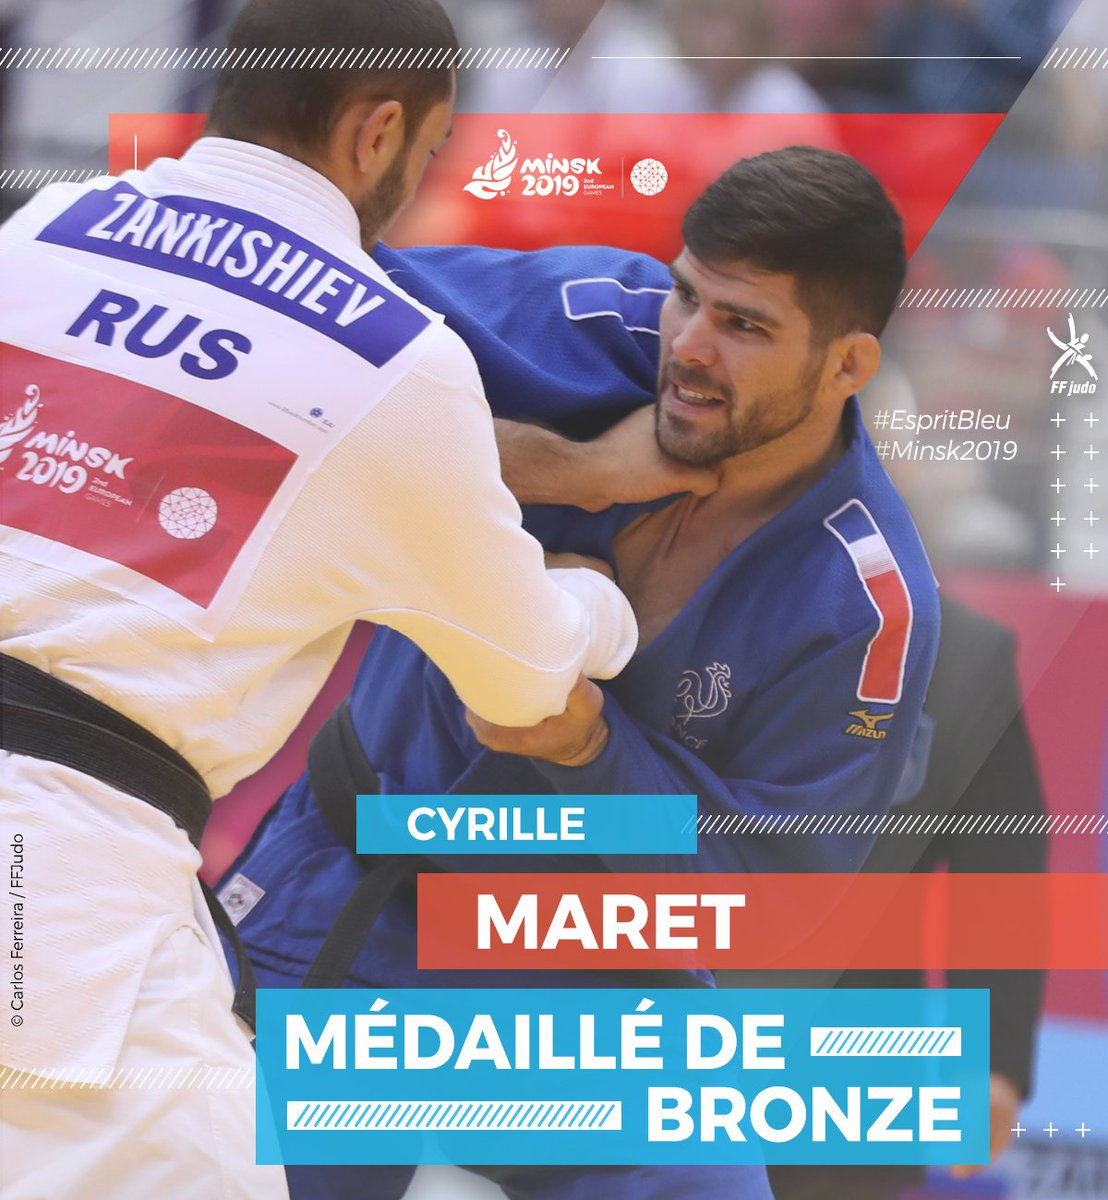 Cyrille MARET est médaillé de bronze !🥉 Il s'agit pour notre Français de sa 6e médaille européenne (Argent en 2017 et 2018, Bronze en 2013, 2014, 2015 et 2019) https://t.co/PqcZEPDZE0